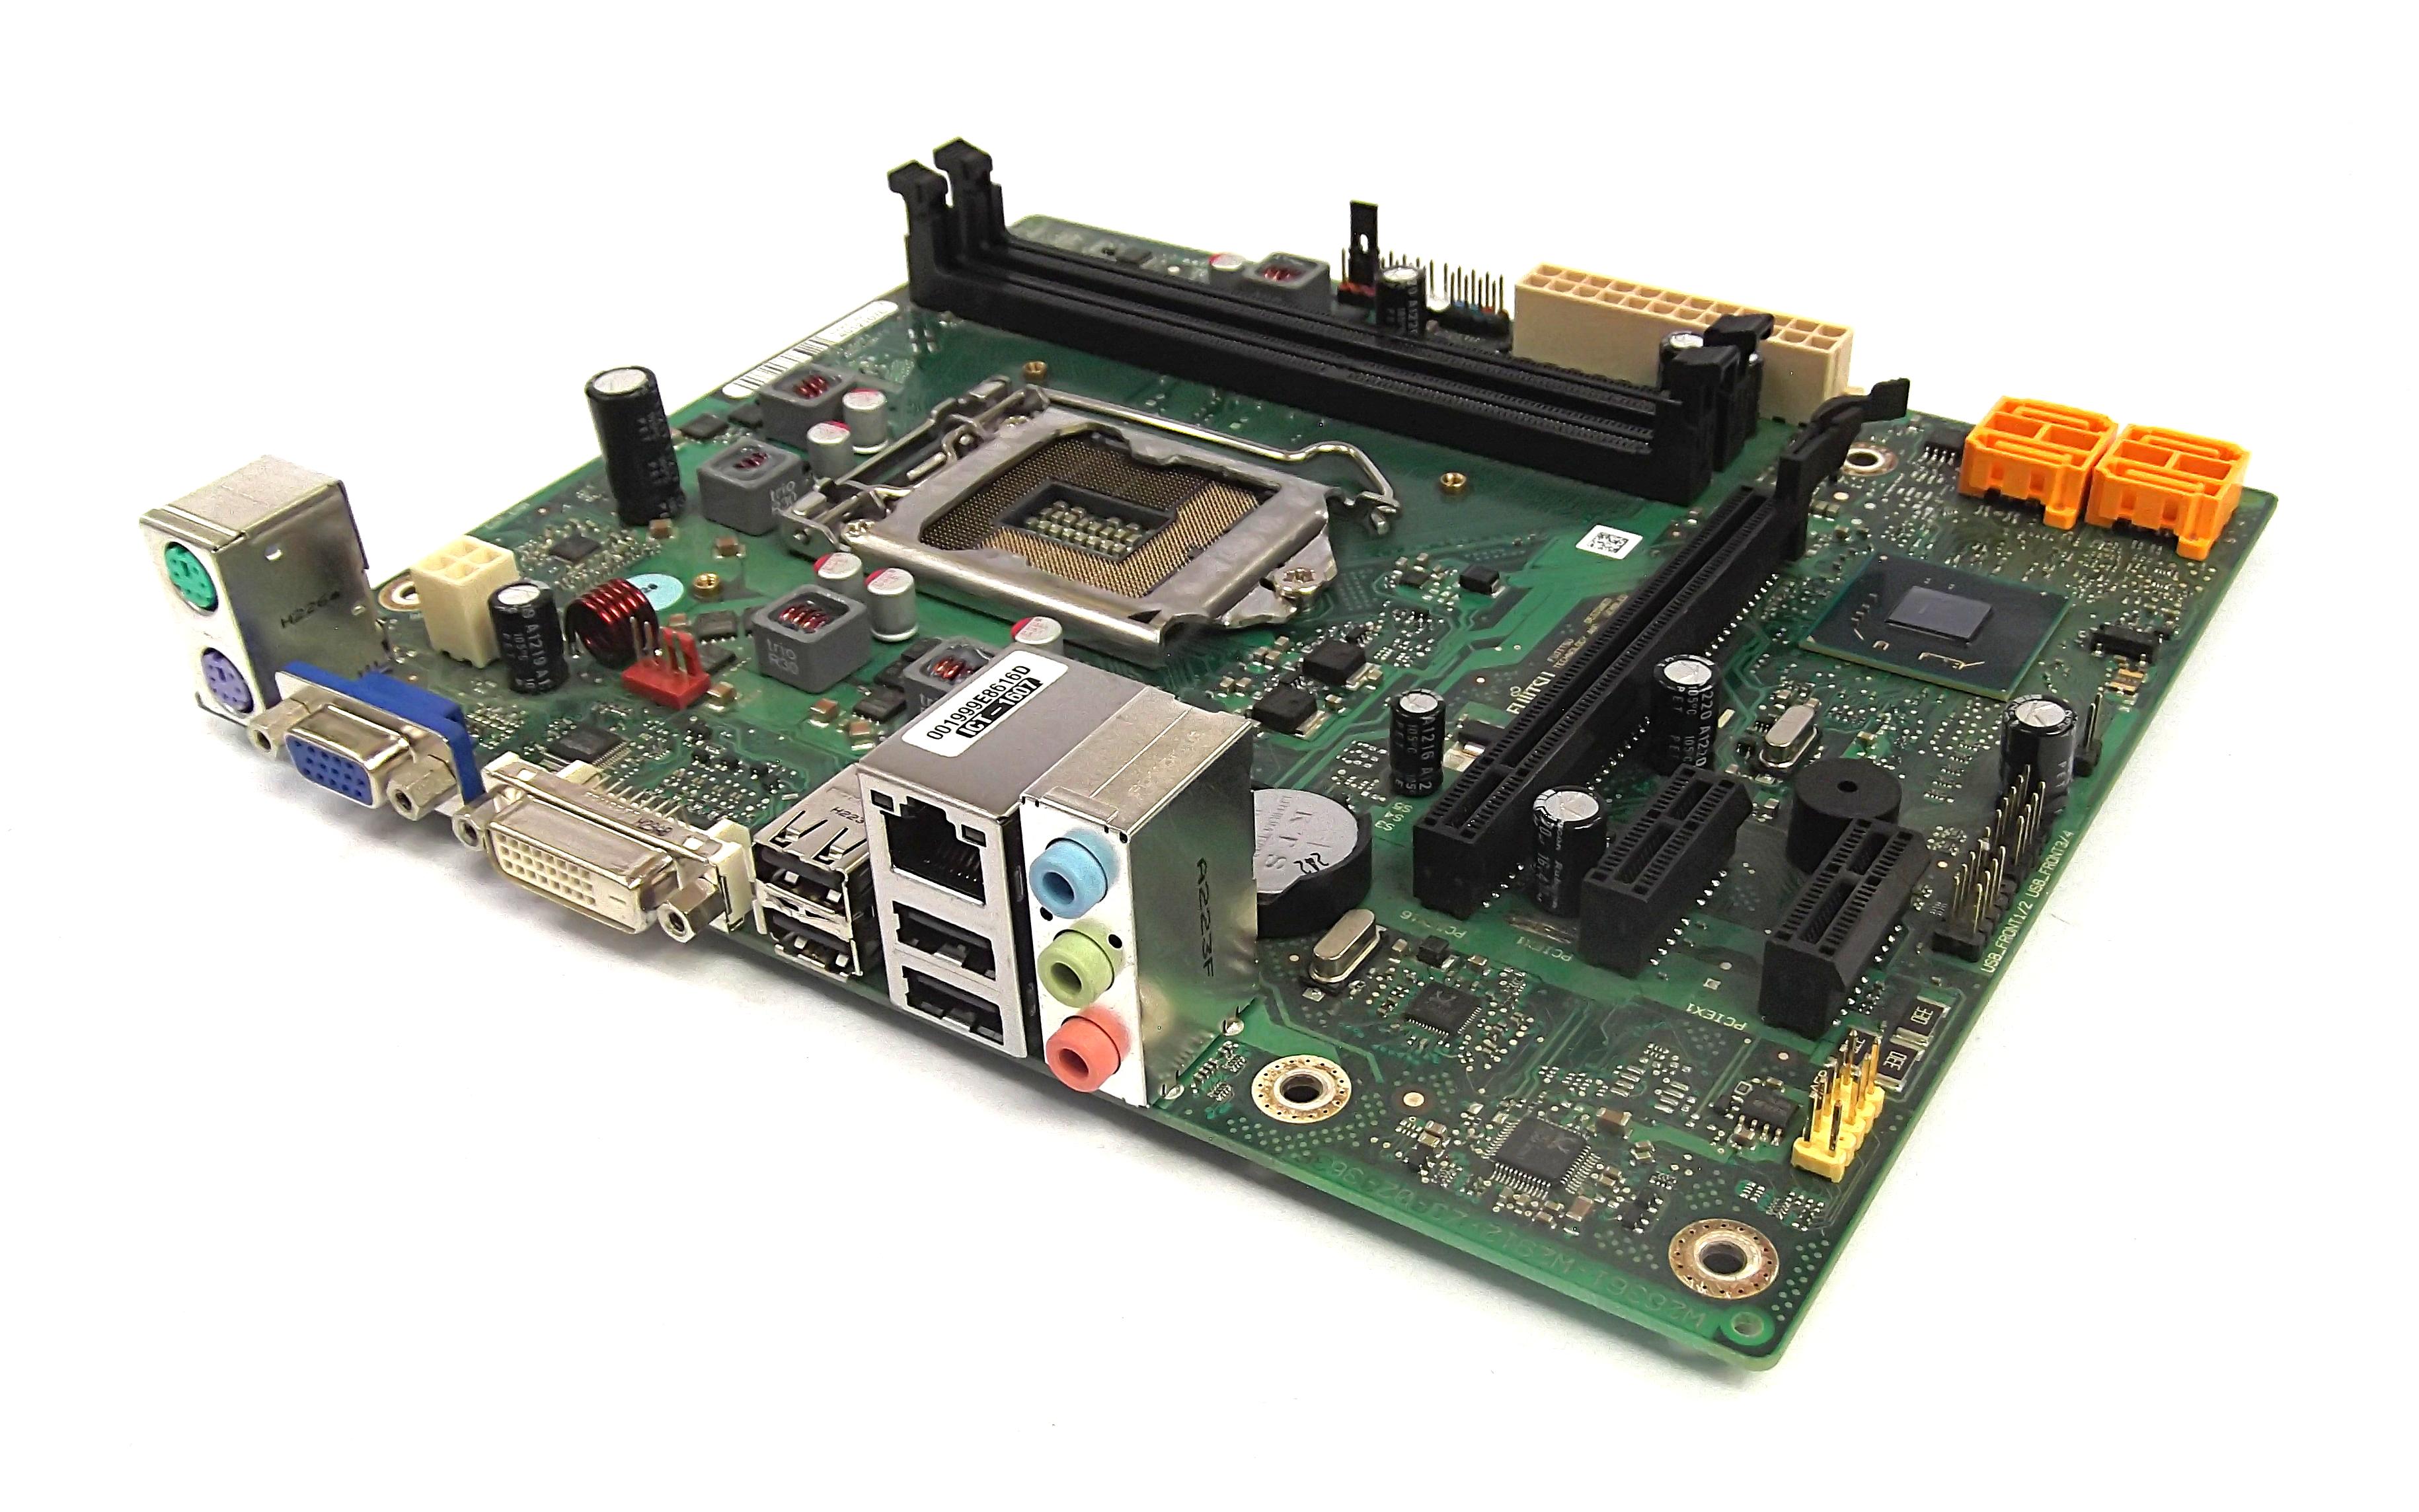 Fujitsu D2990-A21 GS 3 Esprimo E400 E85+ Intel Socket LGA1155 Motherboard